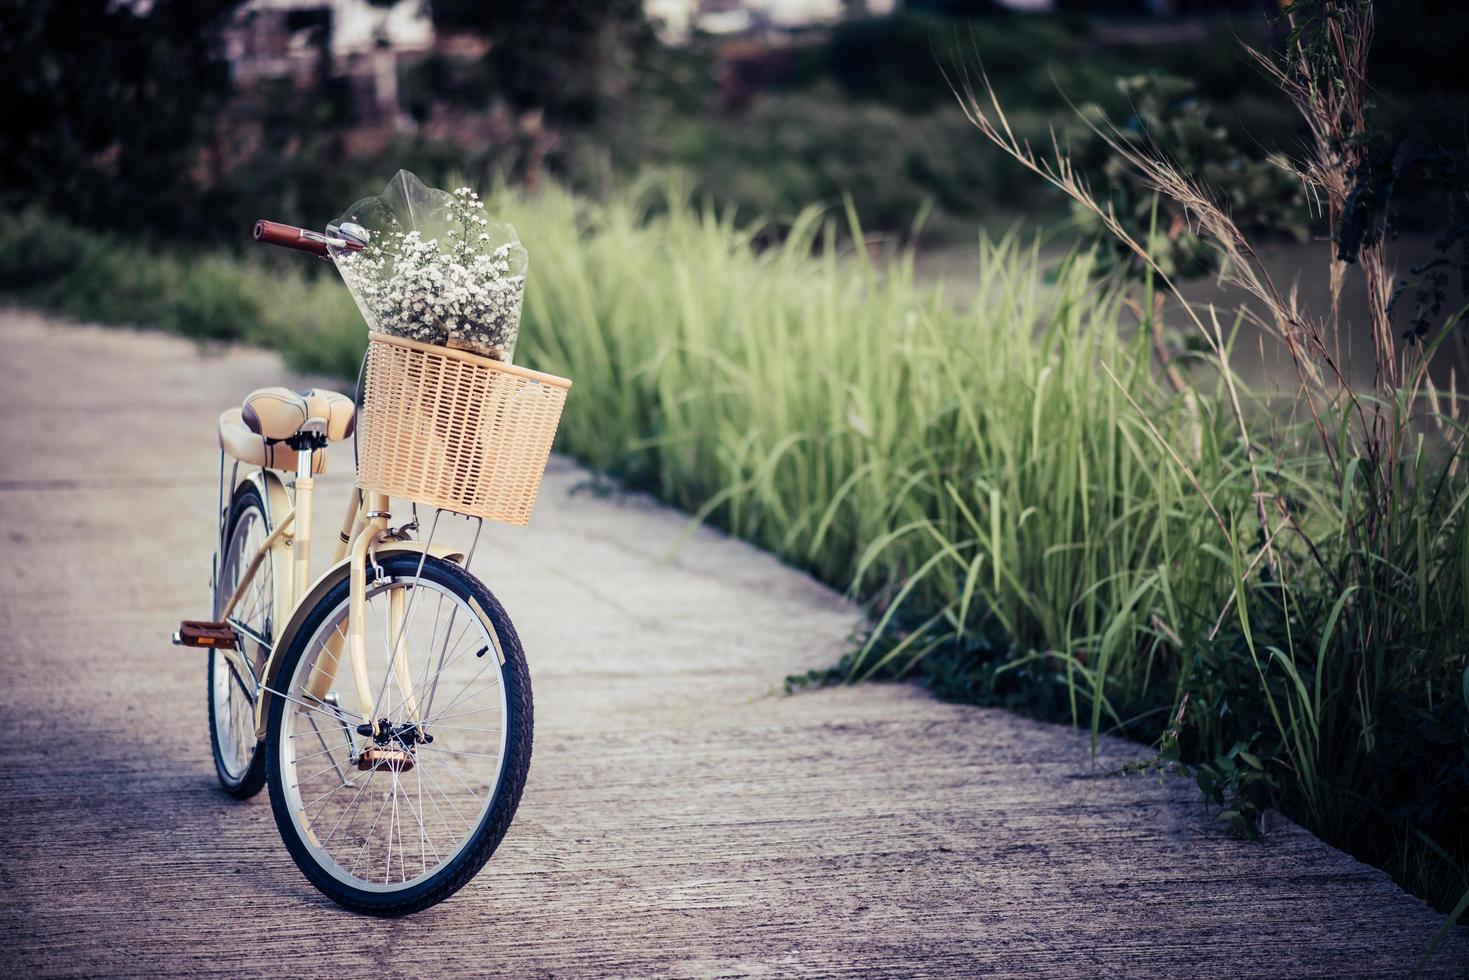 Fahrrad auf der Straße im Park geparkt foto